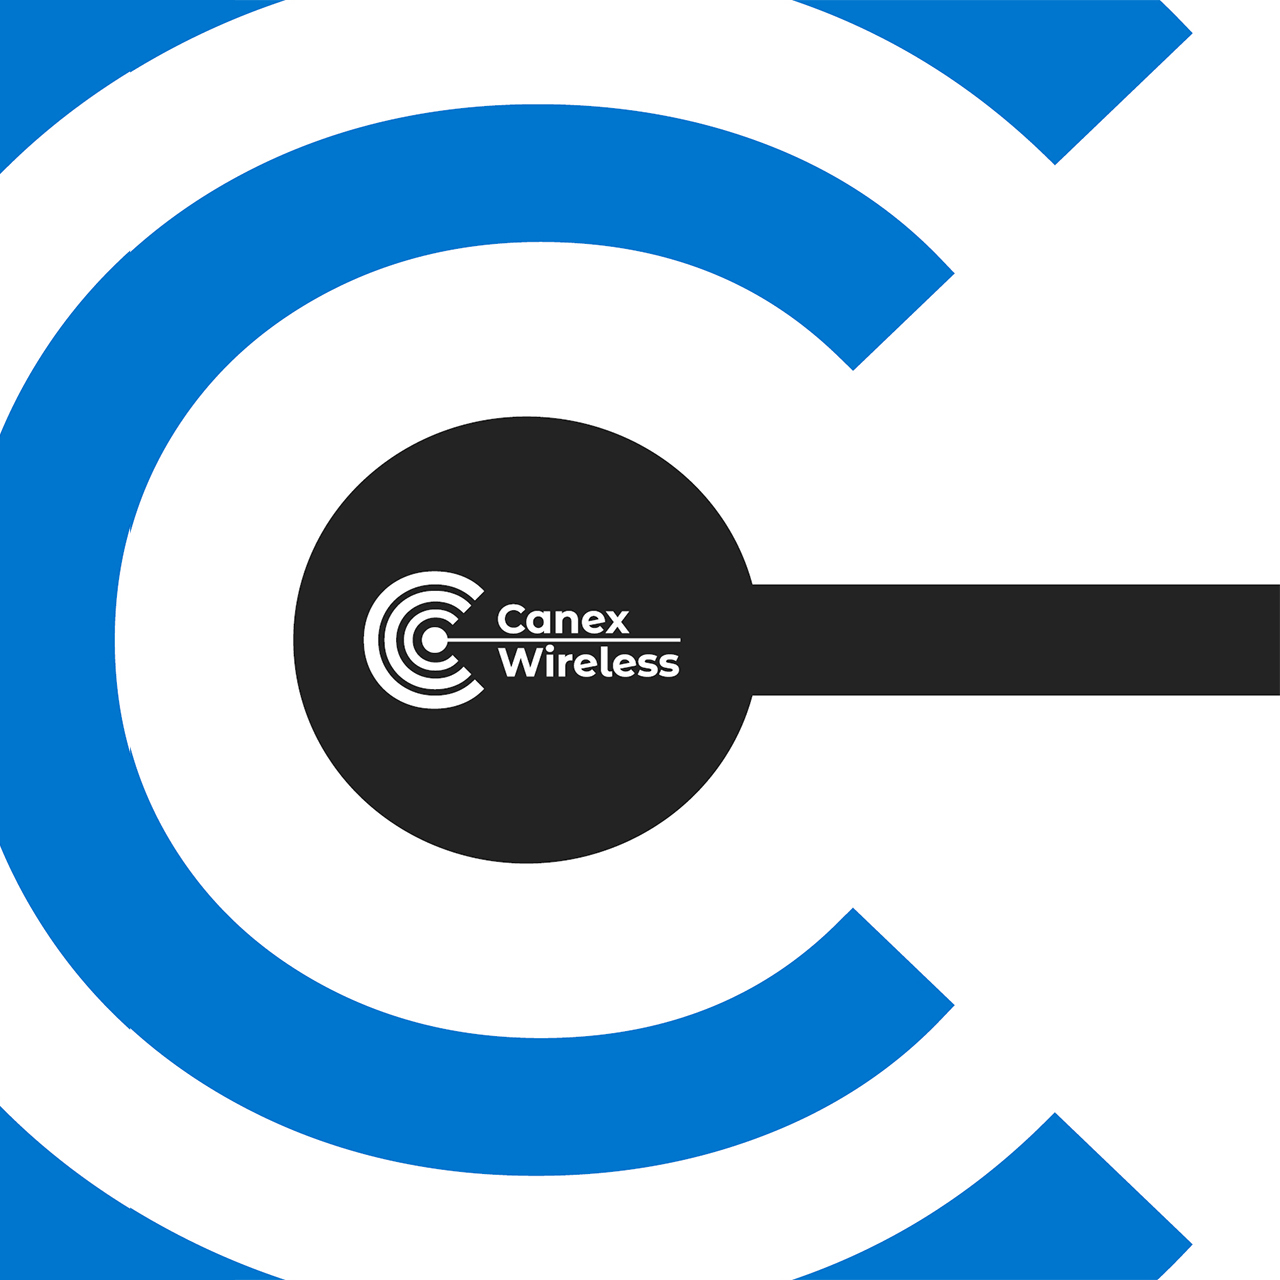 Canex Wireless Logo Animation